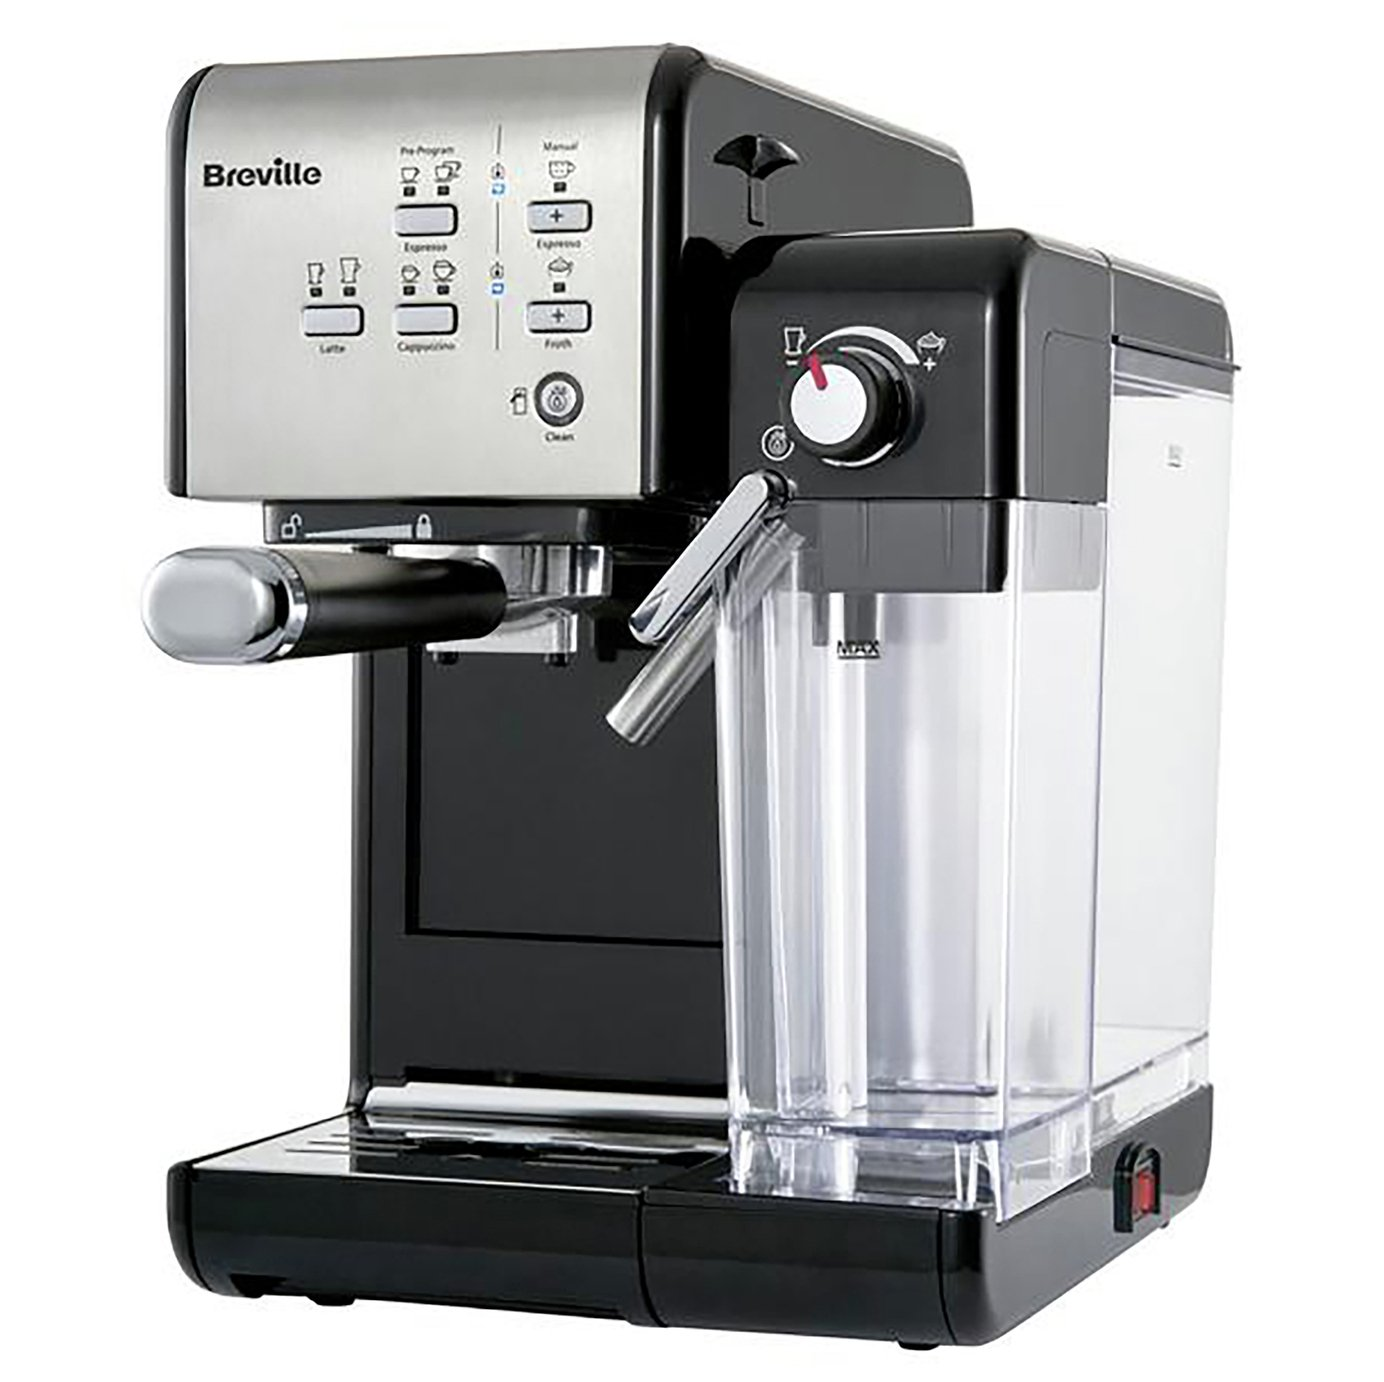 Breville VCF107 One-Touch Espresso Coffee Machine - Black